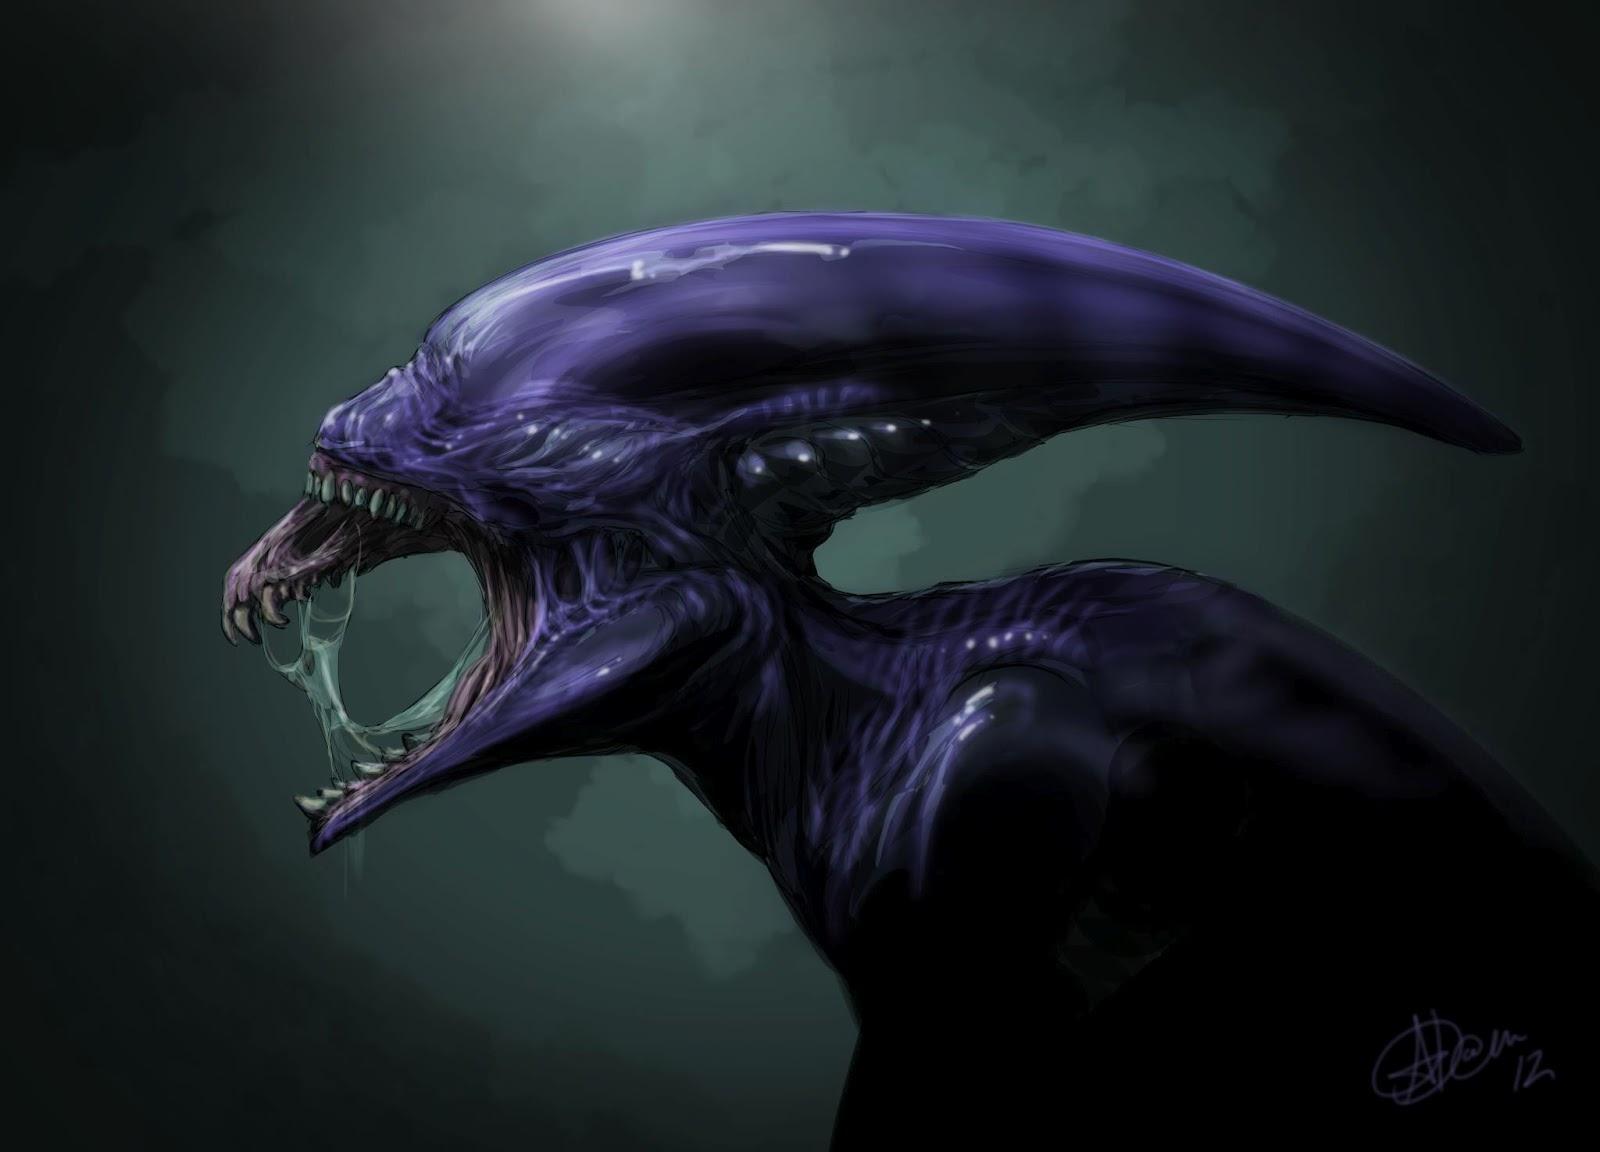 http://2.bp.blogspot.com/-ZV1nGZEZ1QY/UGue-0sKLCI/AAAAAAAAAO8/DlAPcHNn71I/s1600/Prometheus-2012-online.watch.jpg